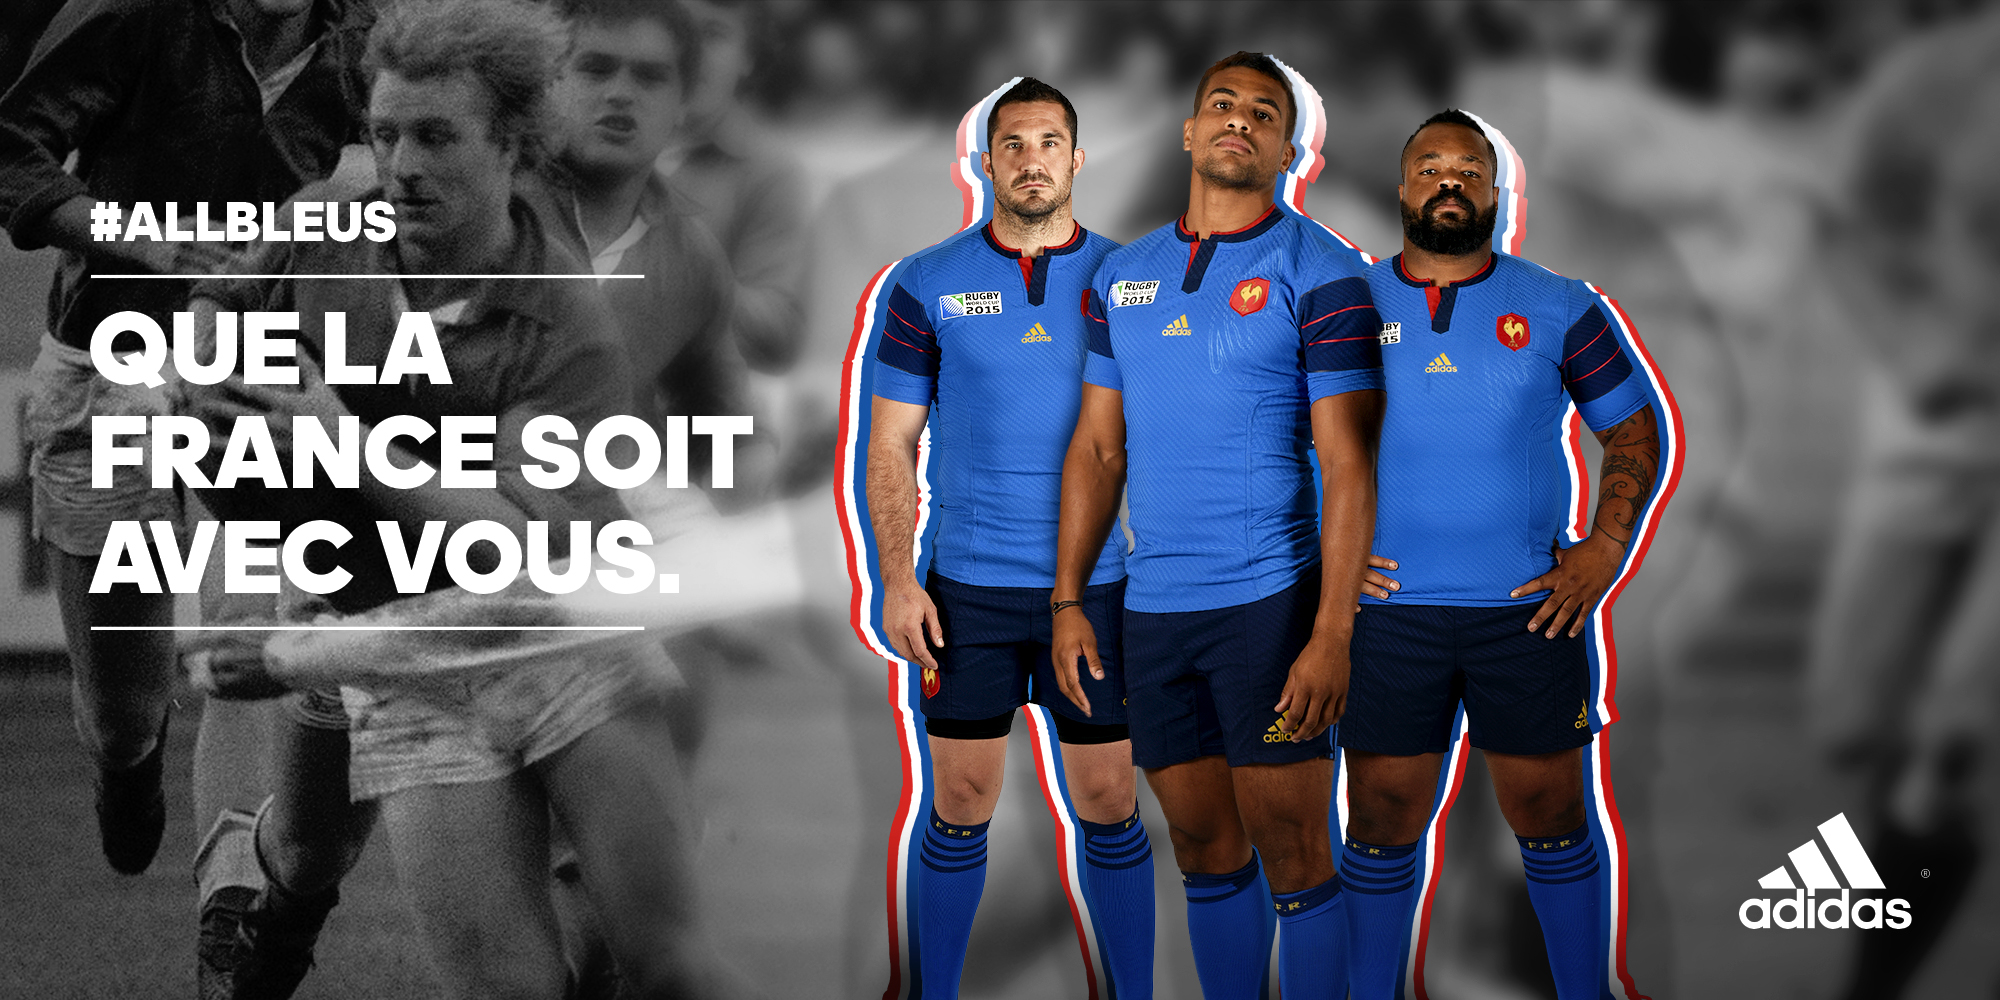 Nouveaux maillots adidas du xv de france pour la coupe du - Coupe de france rugby 2015 ...